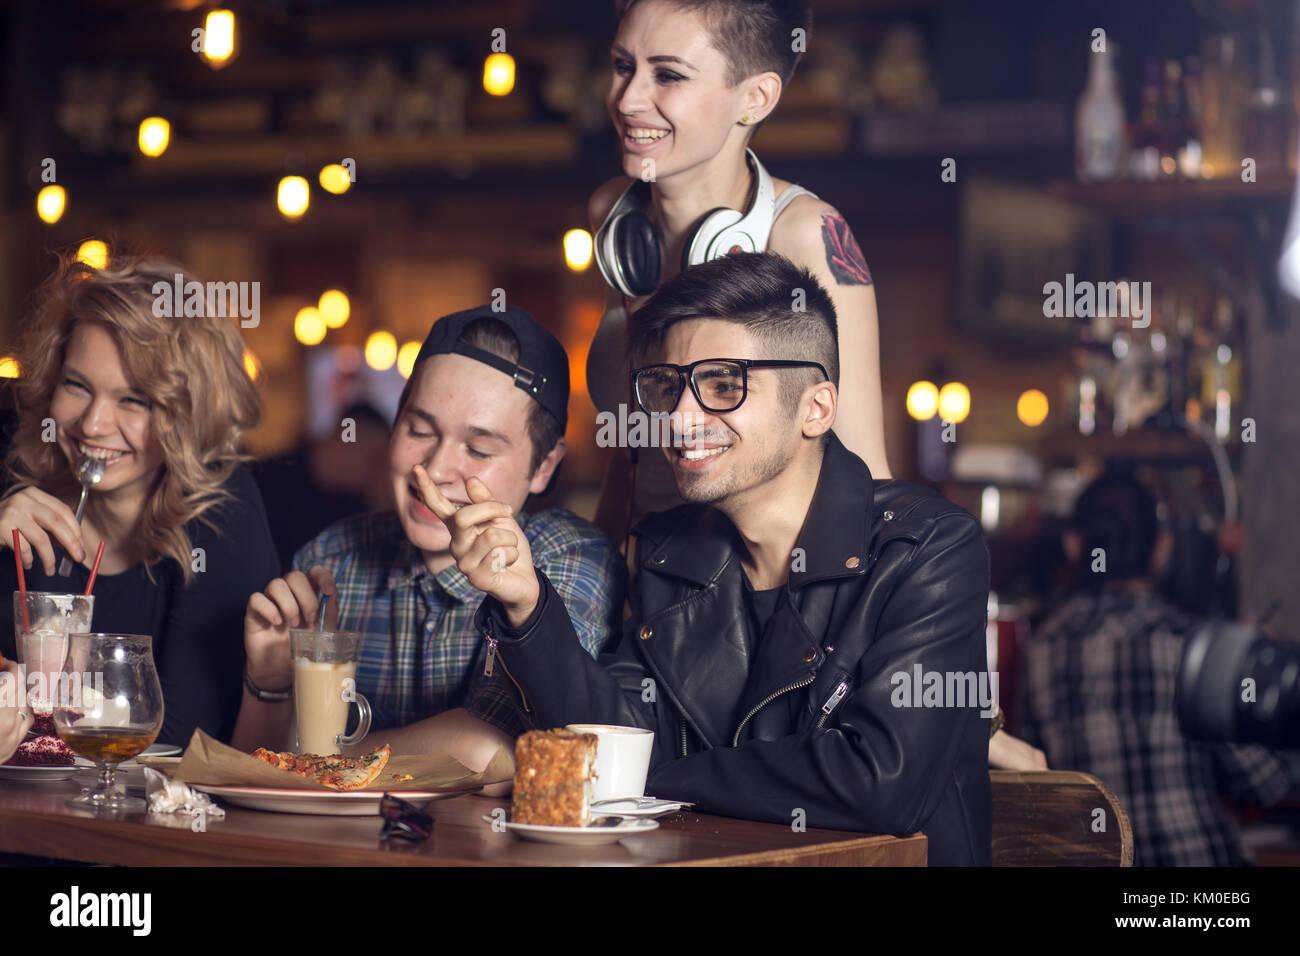 Les gens de l'amitié réunion solidarité café concept Photo Stock